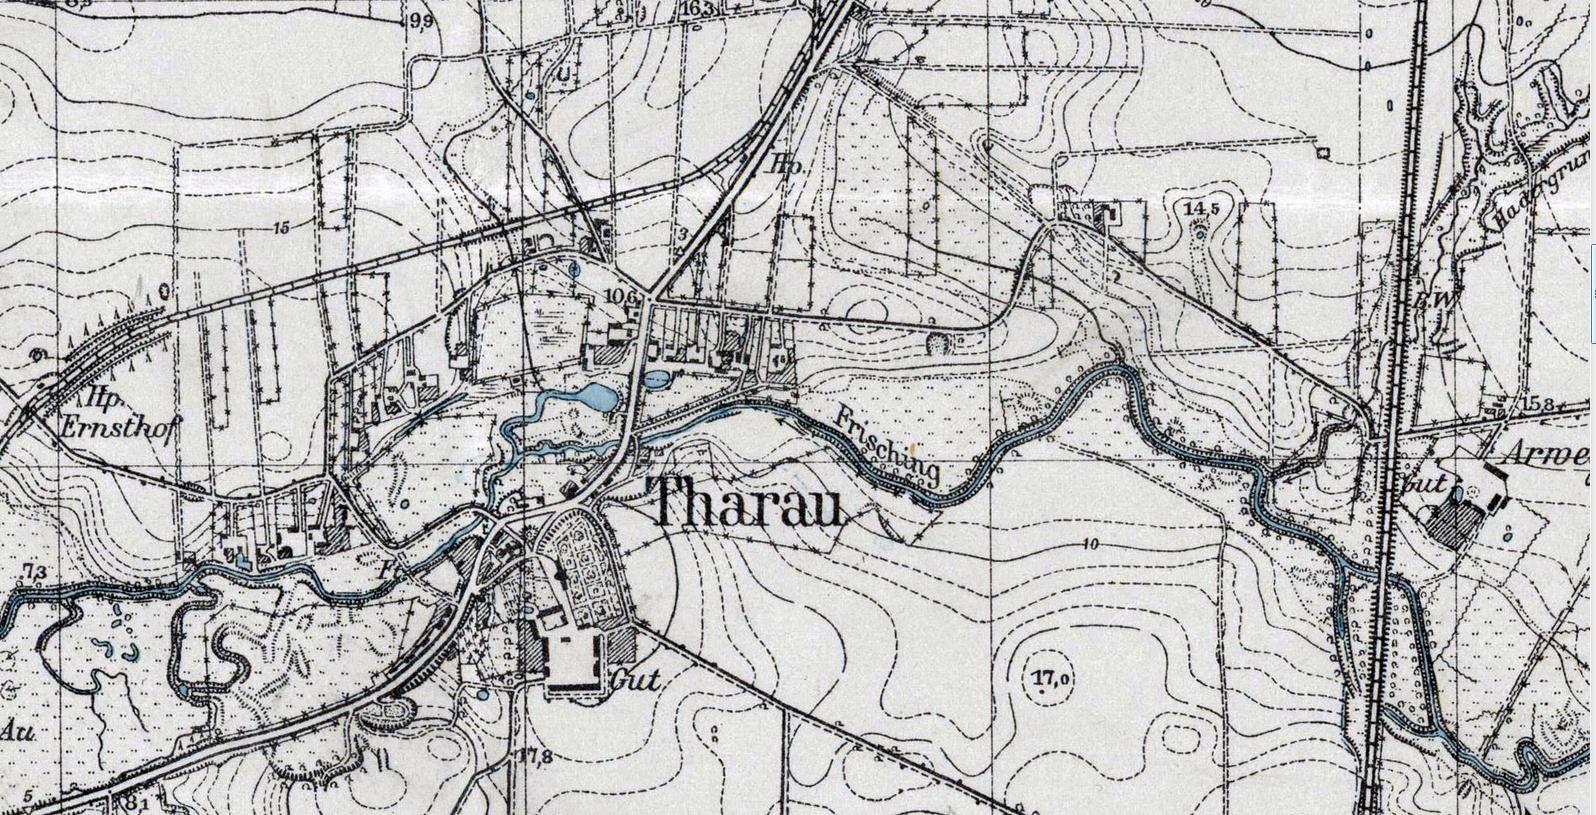 Tharau_Karte